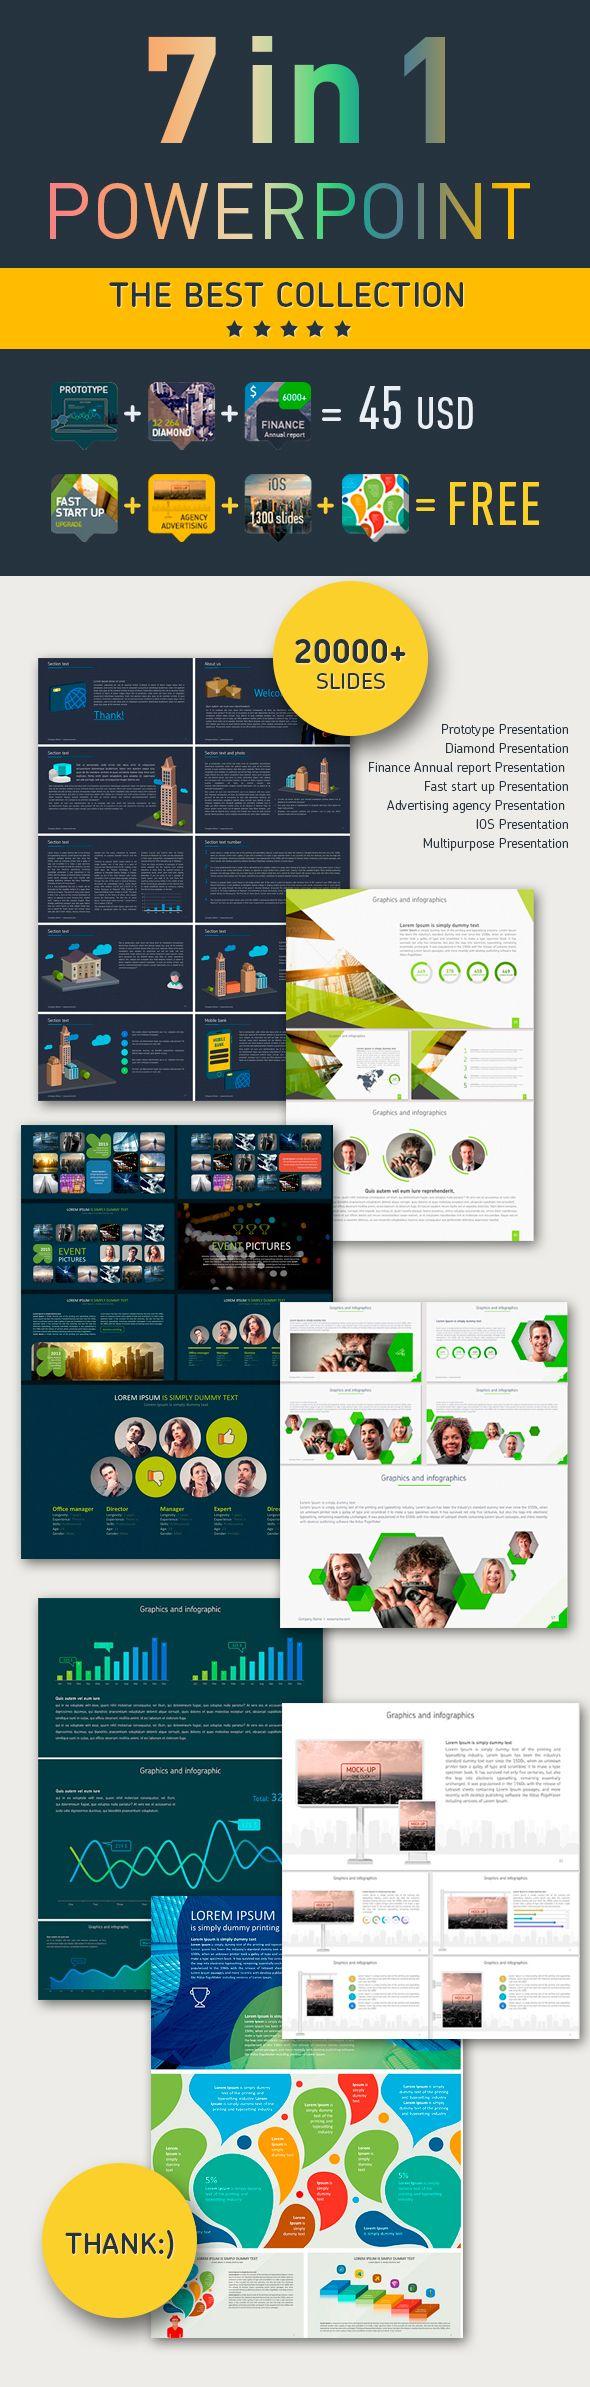 7 in 1 PowerPoint presentation